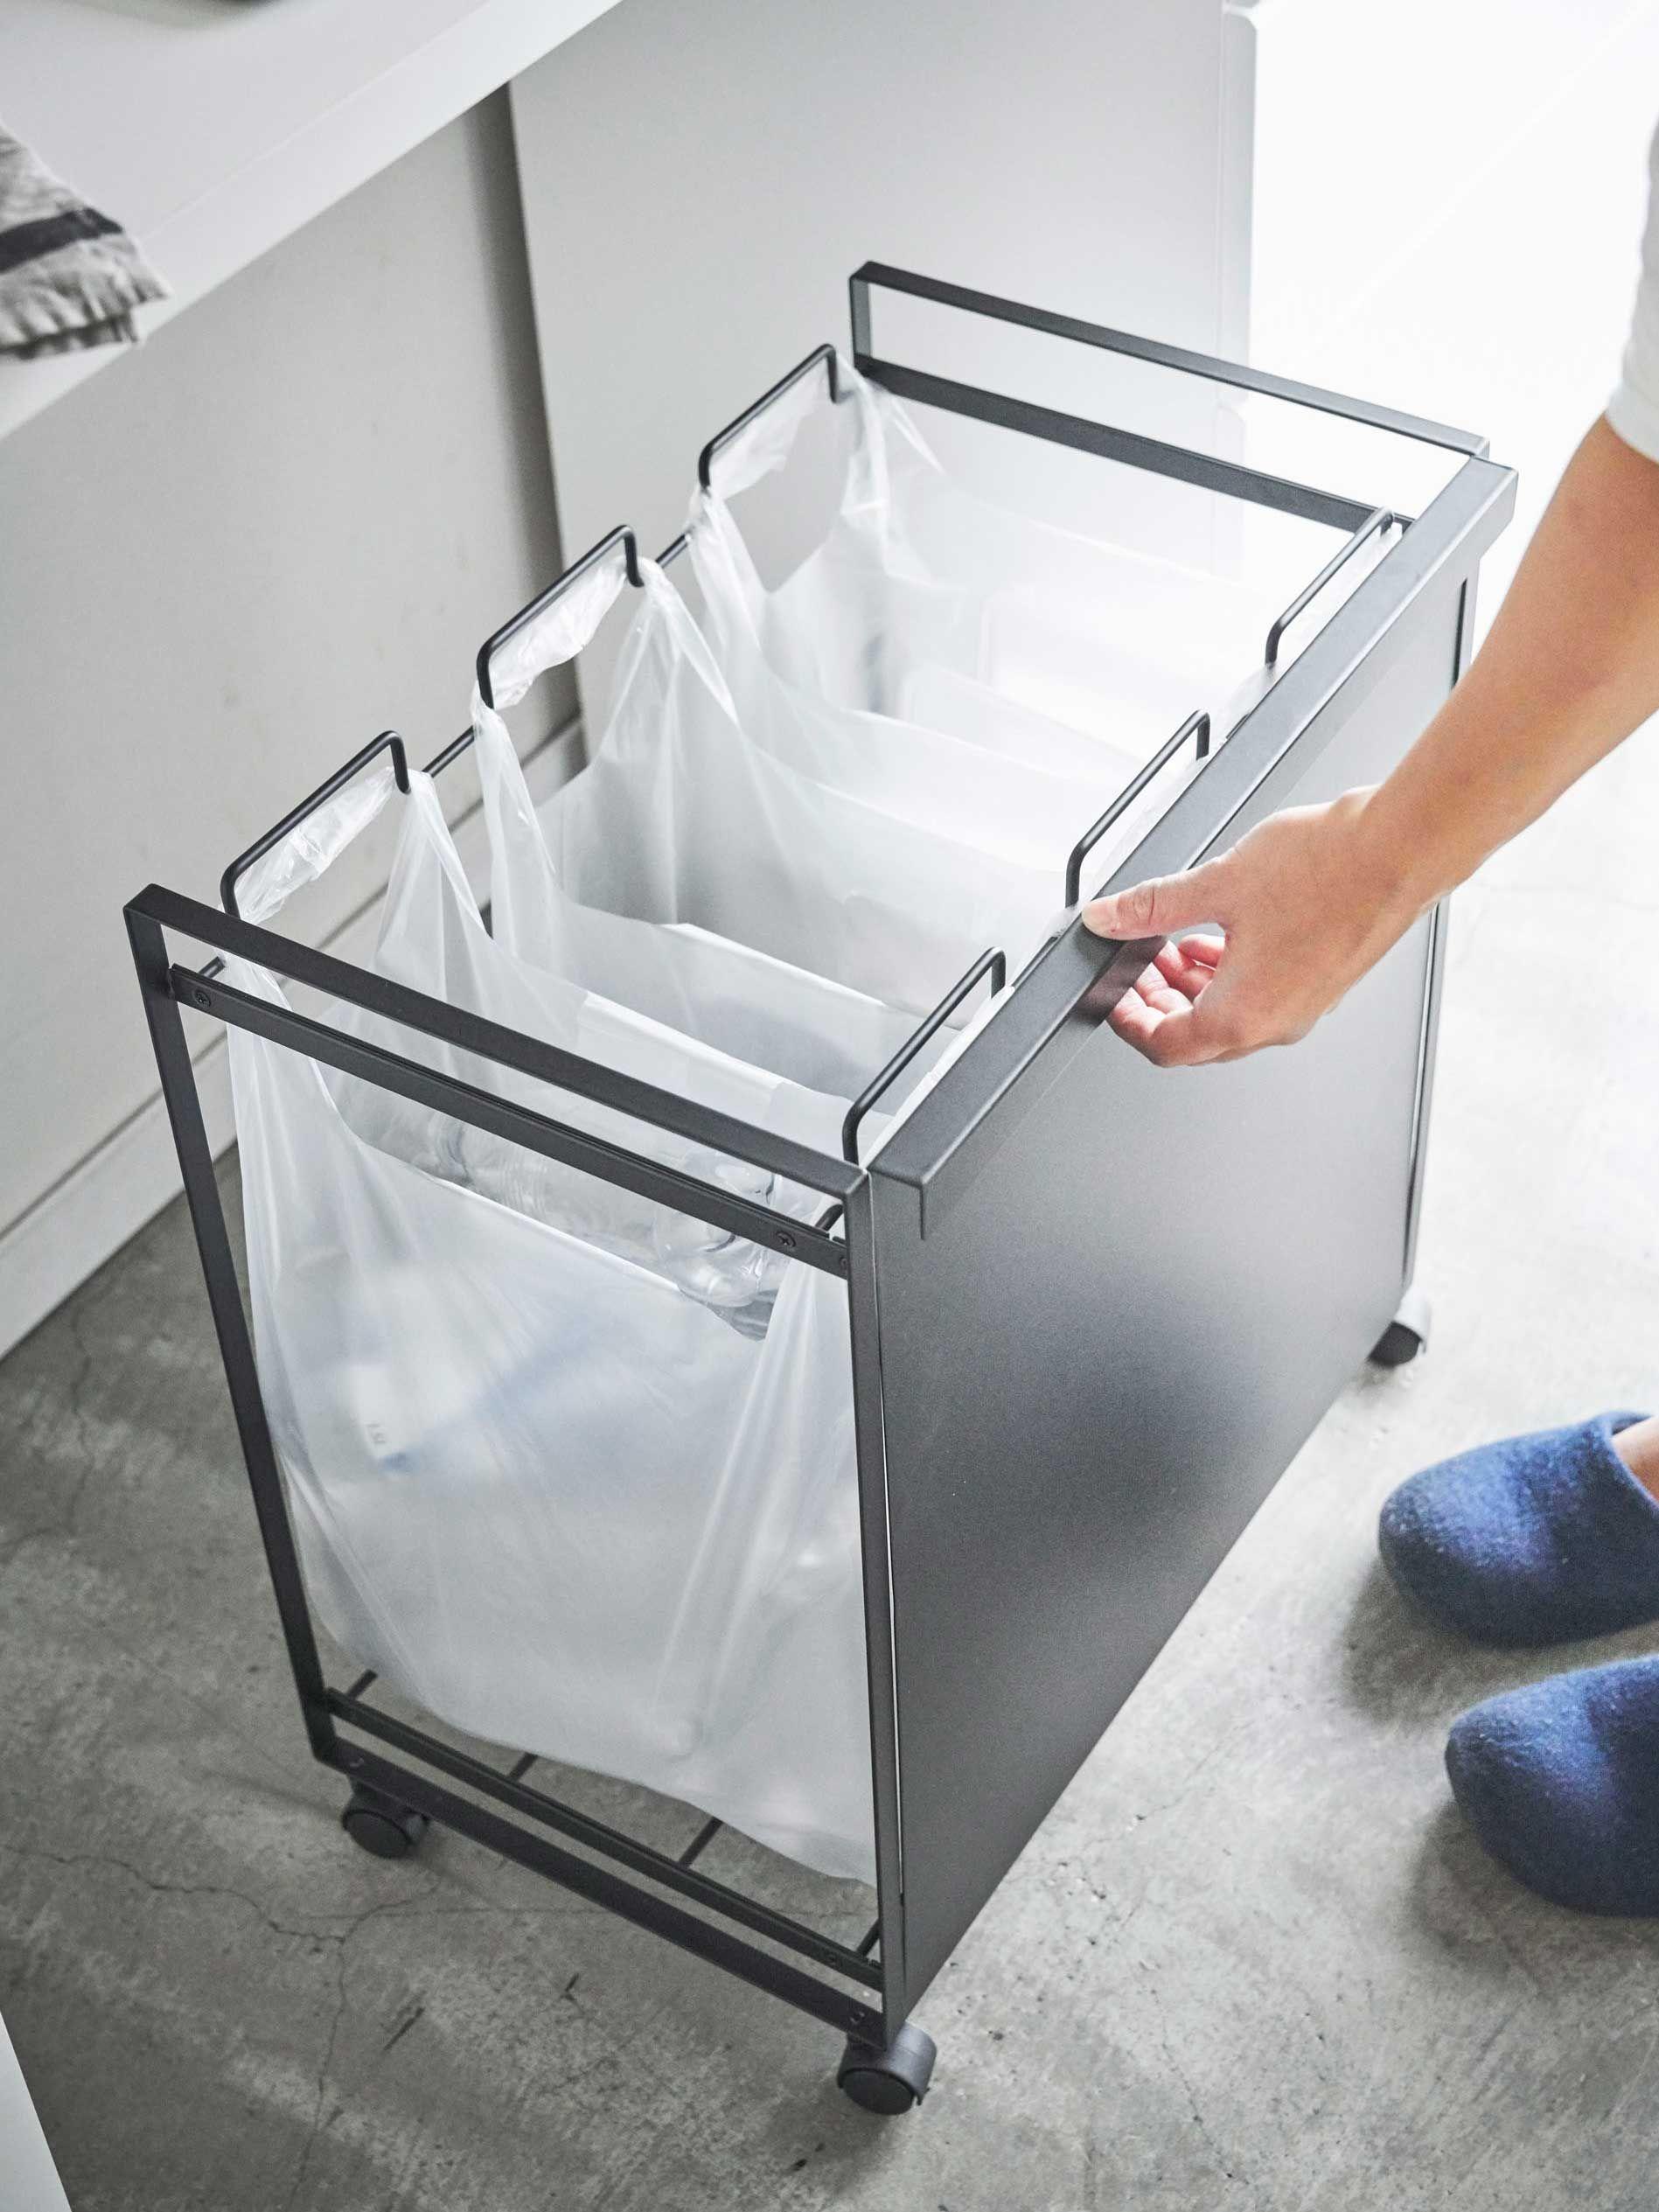 レジ袋を隠して分別できるスタイリッシュな分別ゴミ箱 インテリア